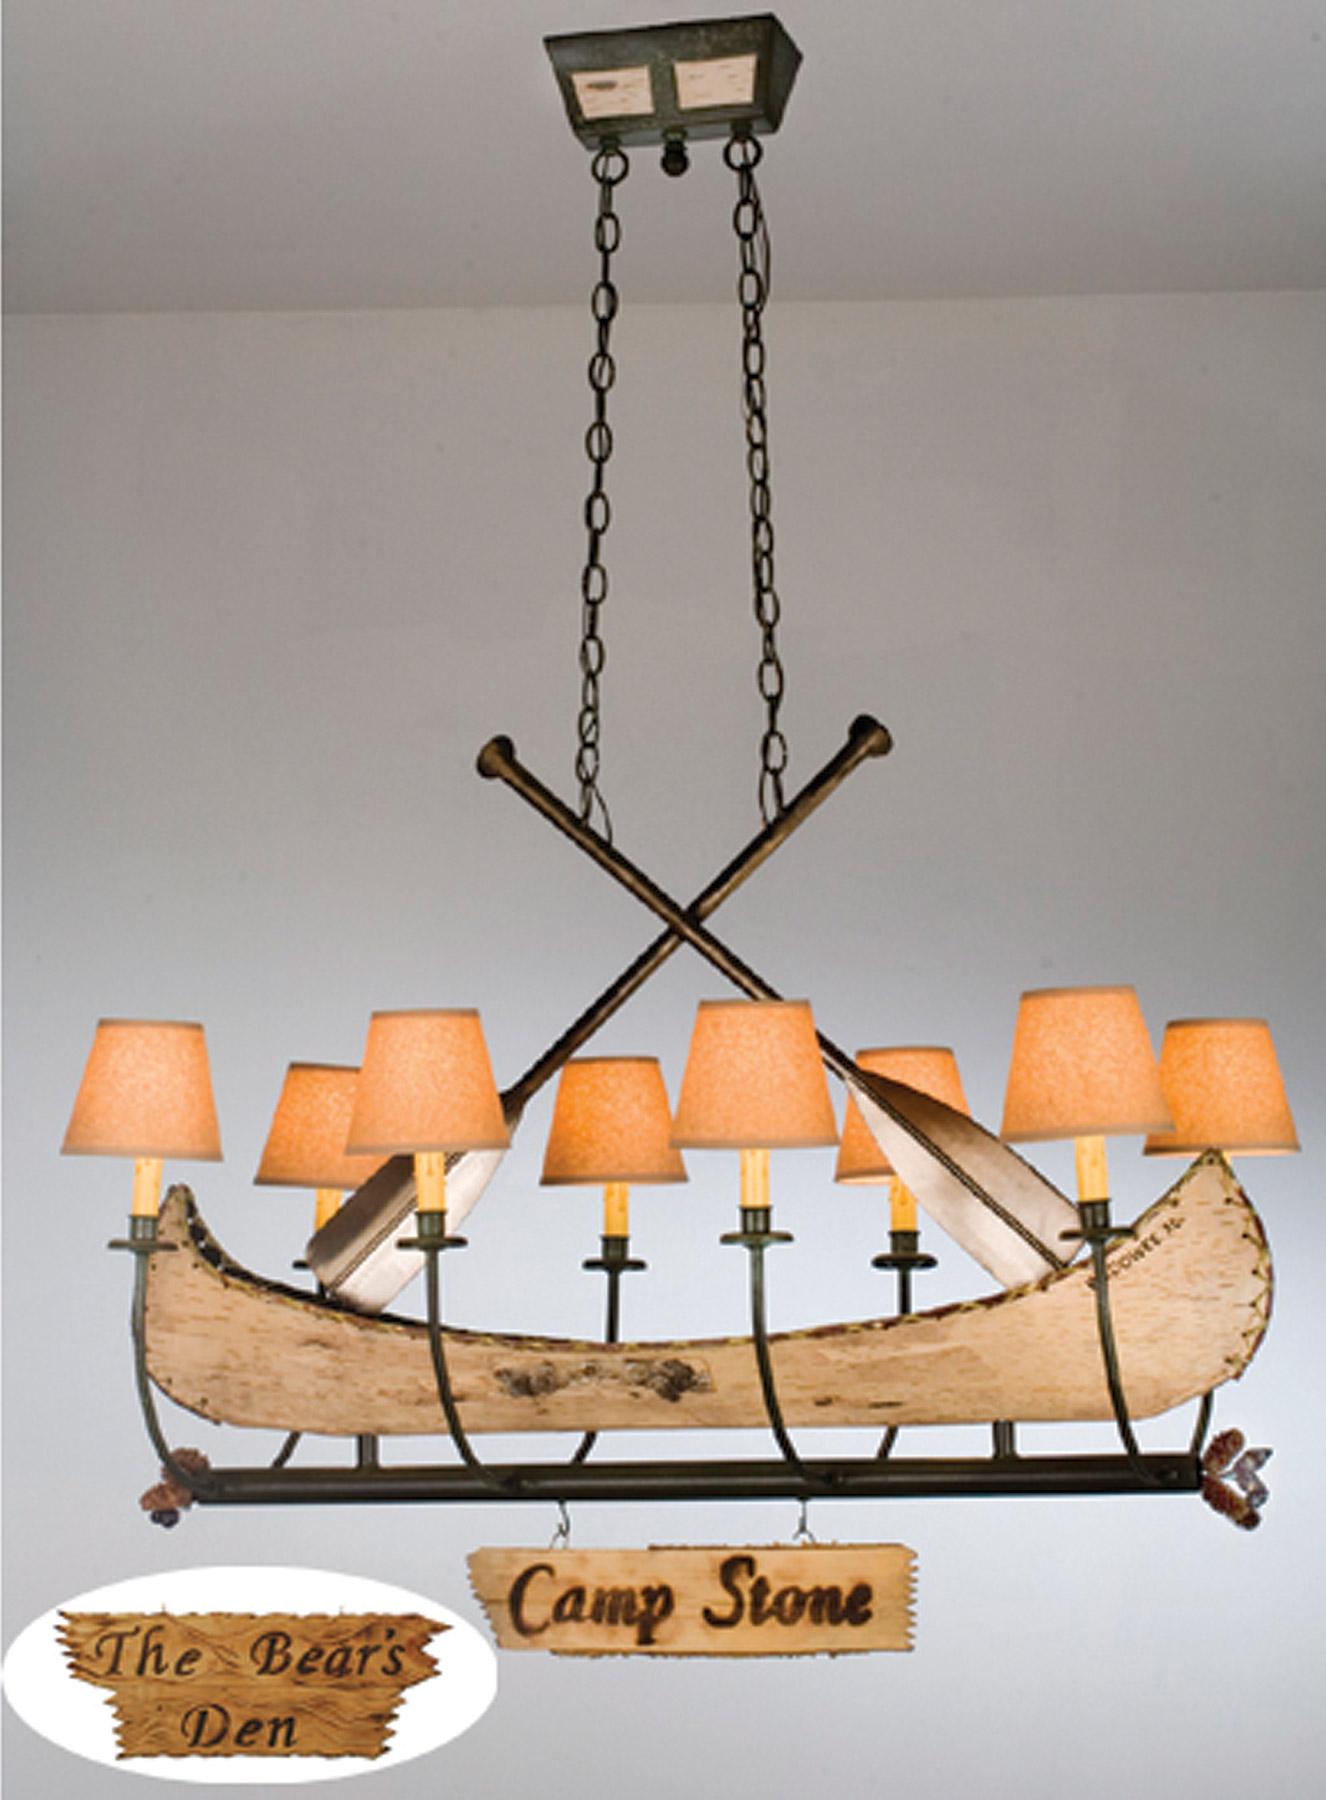 Meyda 26977 Personalized Canoe Eight Light Oval Chandelier